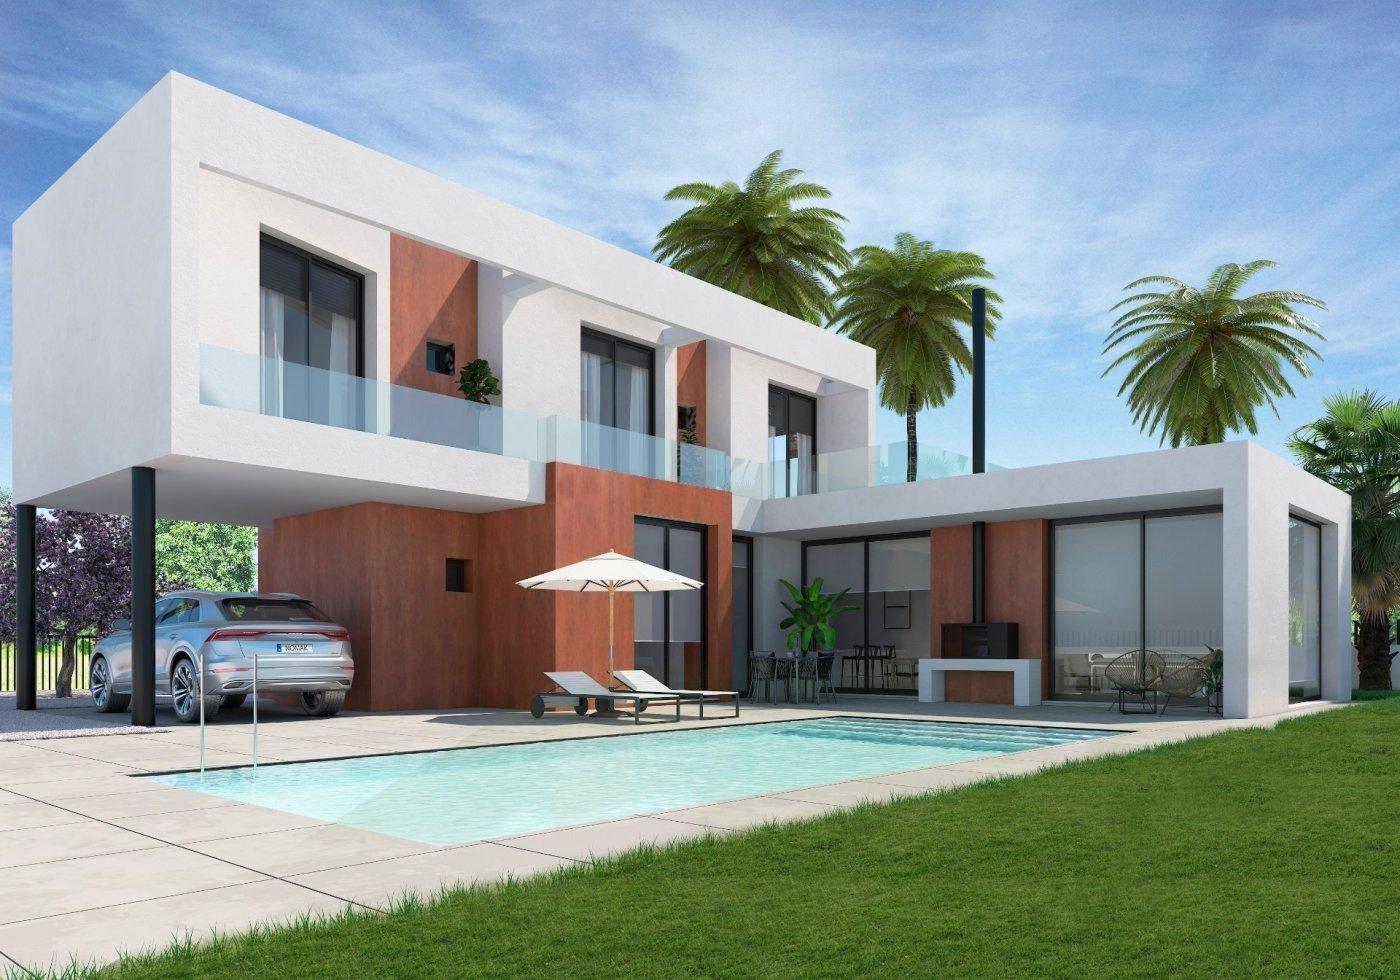 Villa moderna de nueva construcción en calpe a 600 m de la playa - imagenInmueble1